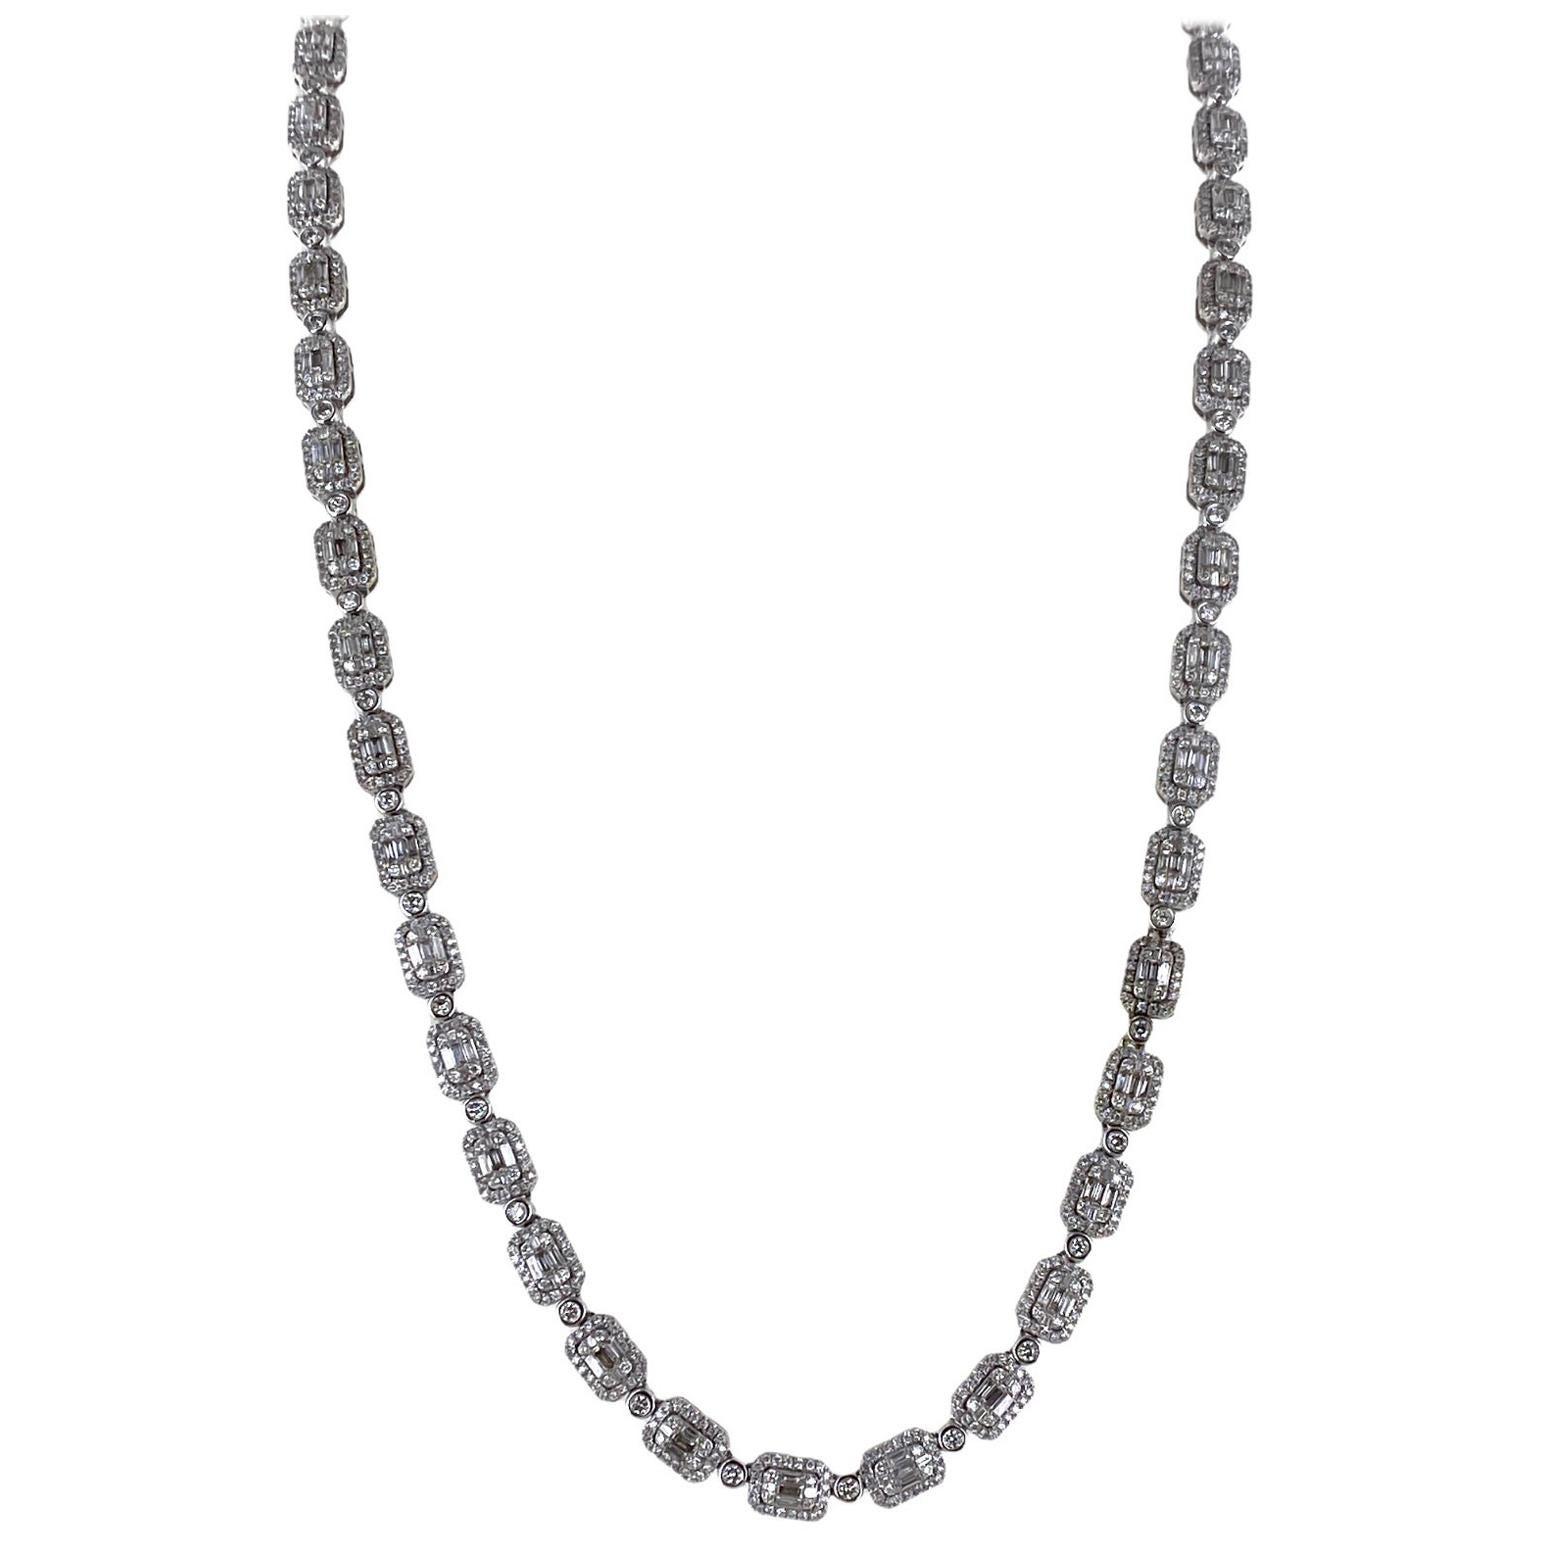 12.30 Carat Round Brilliant Baguette Cut Diamond Link White Gold Necklace